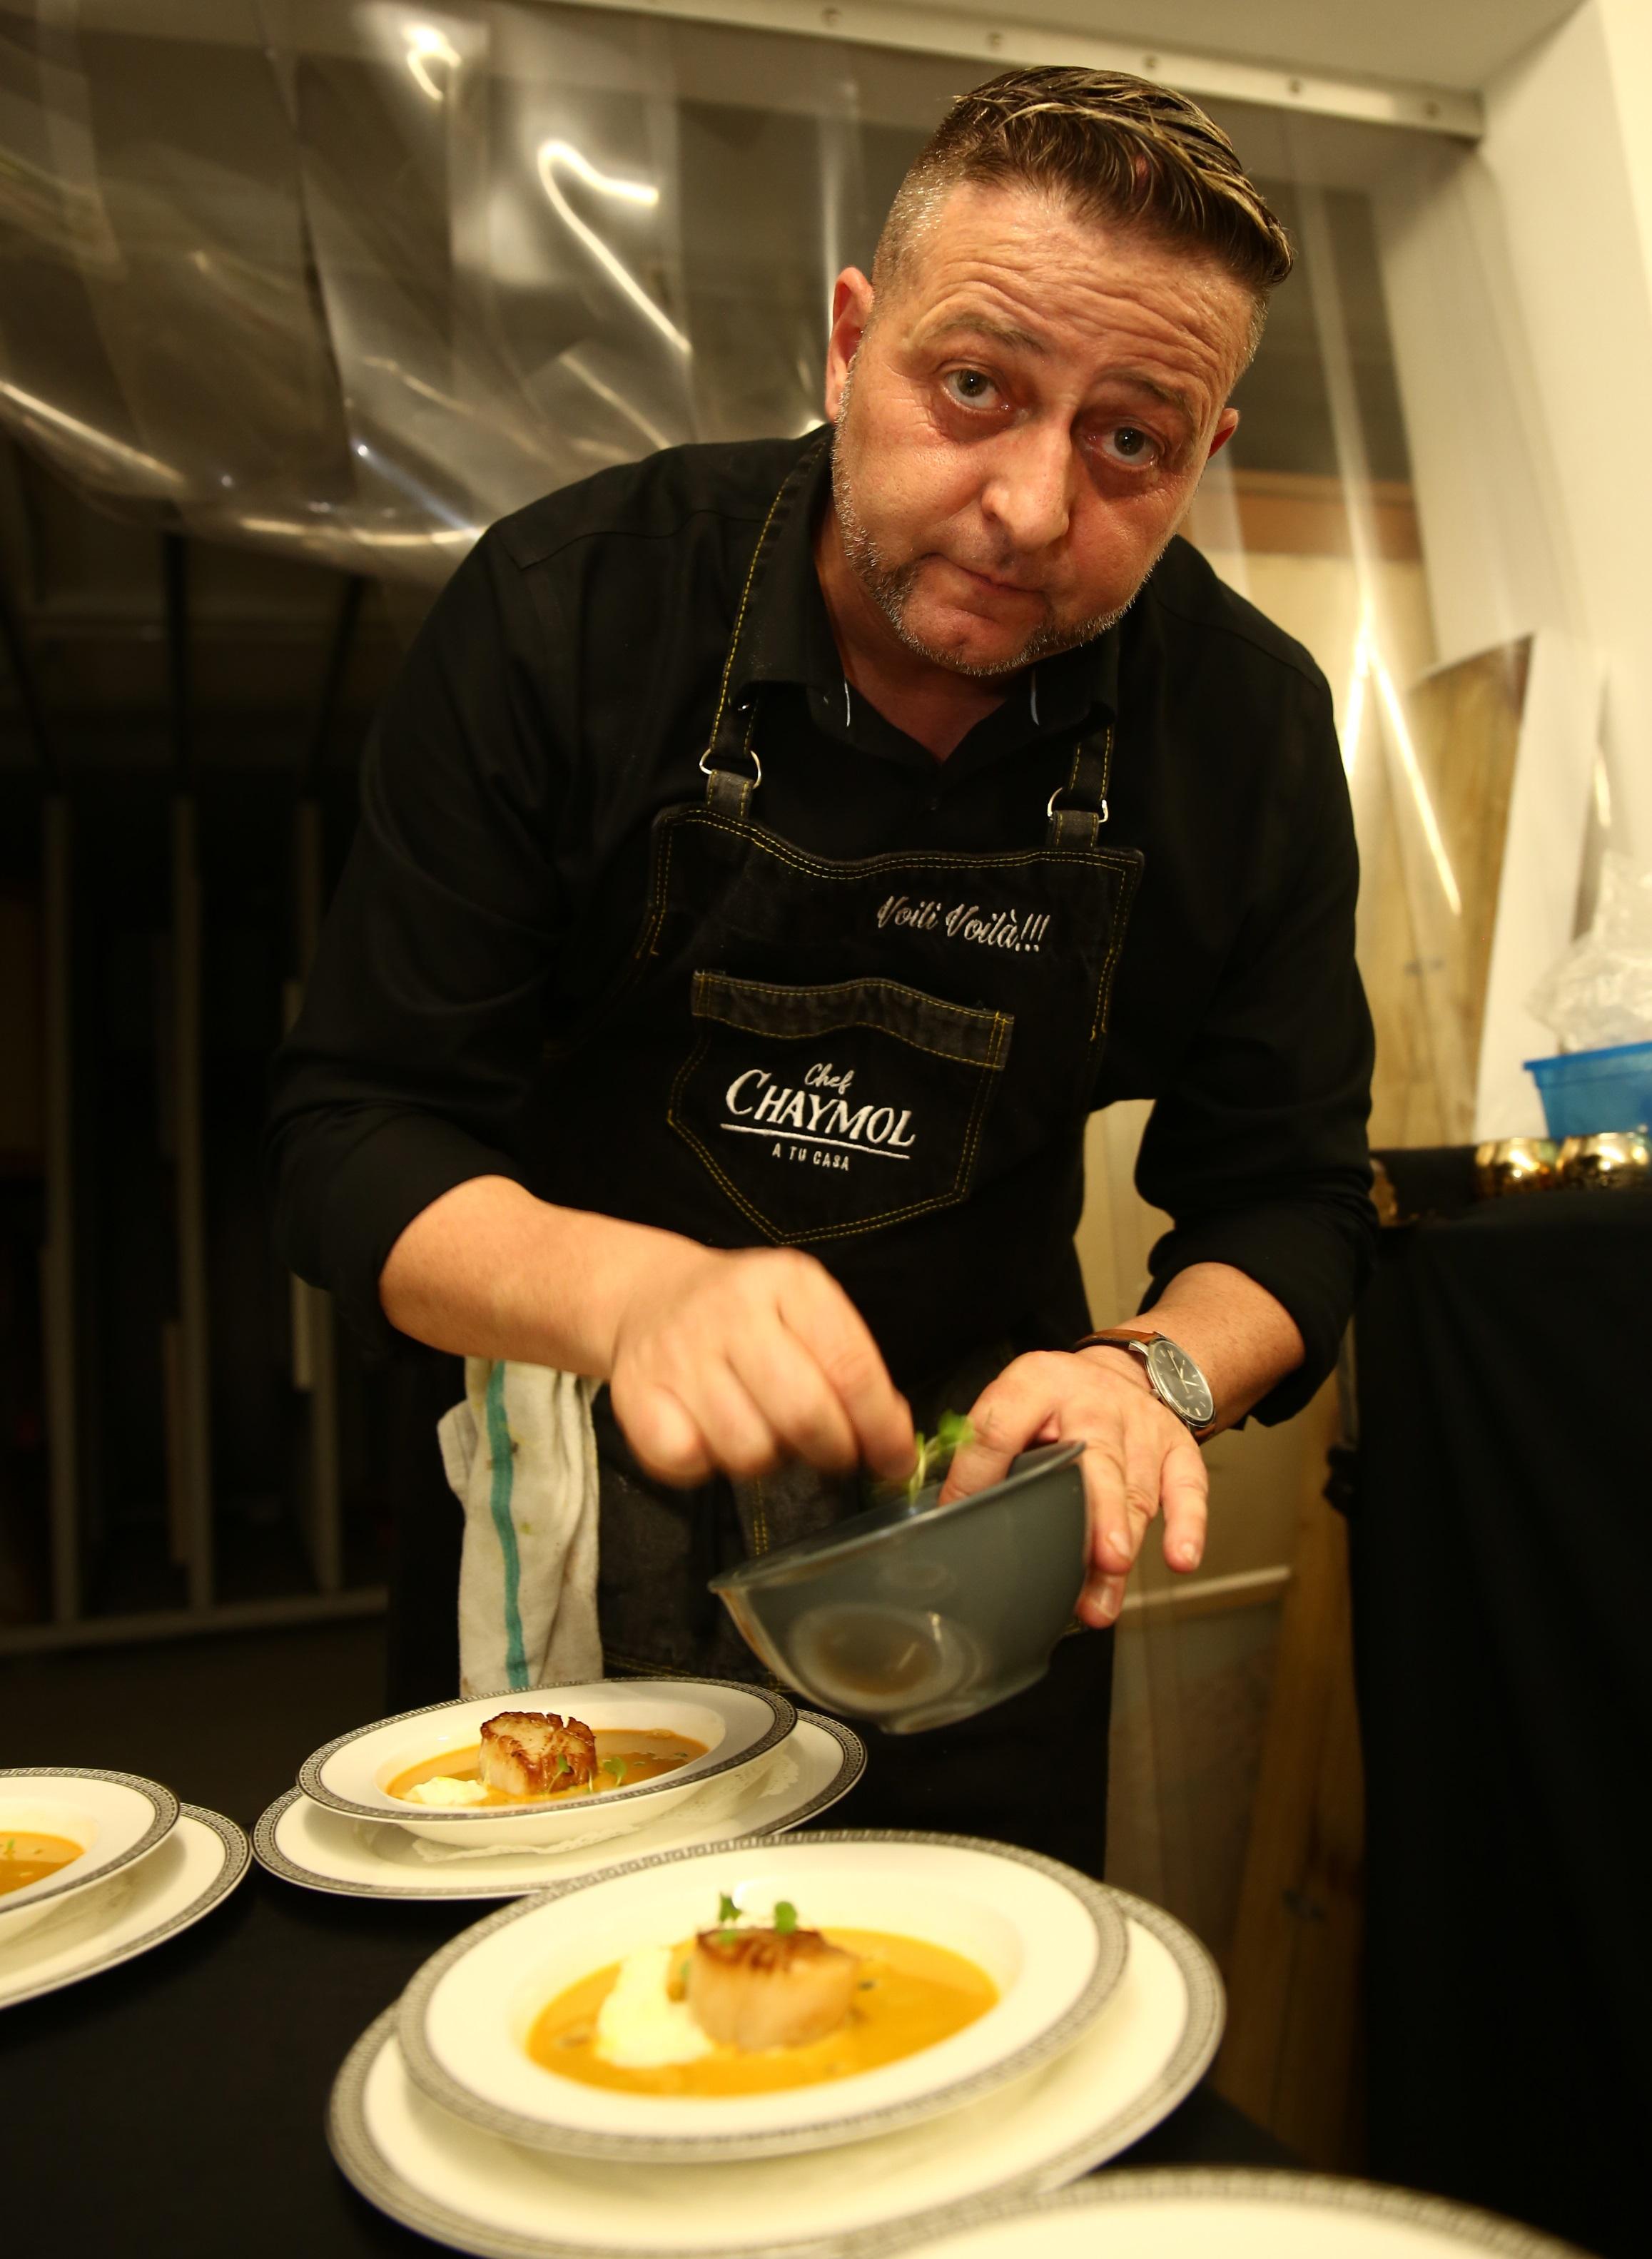 El chef David Chaymol estuvo a cargo de la preparación de la cena. (José Rafael Pérez Centeno)